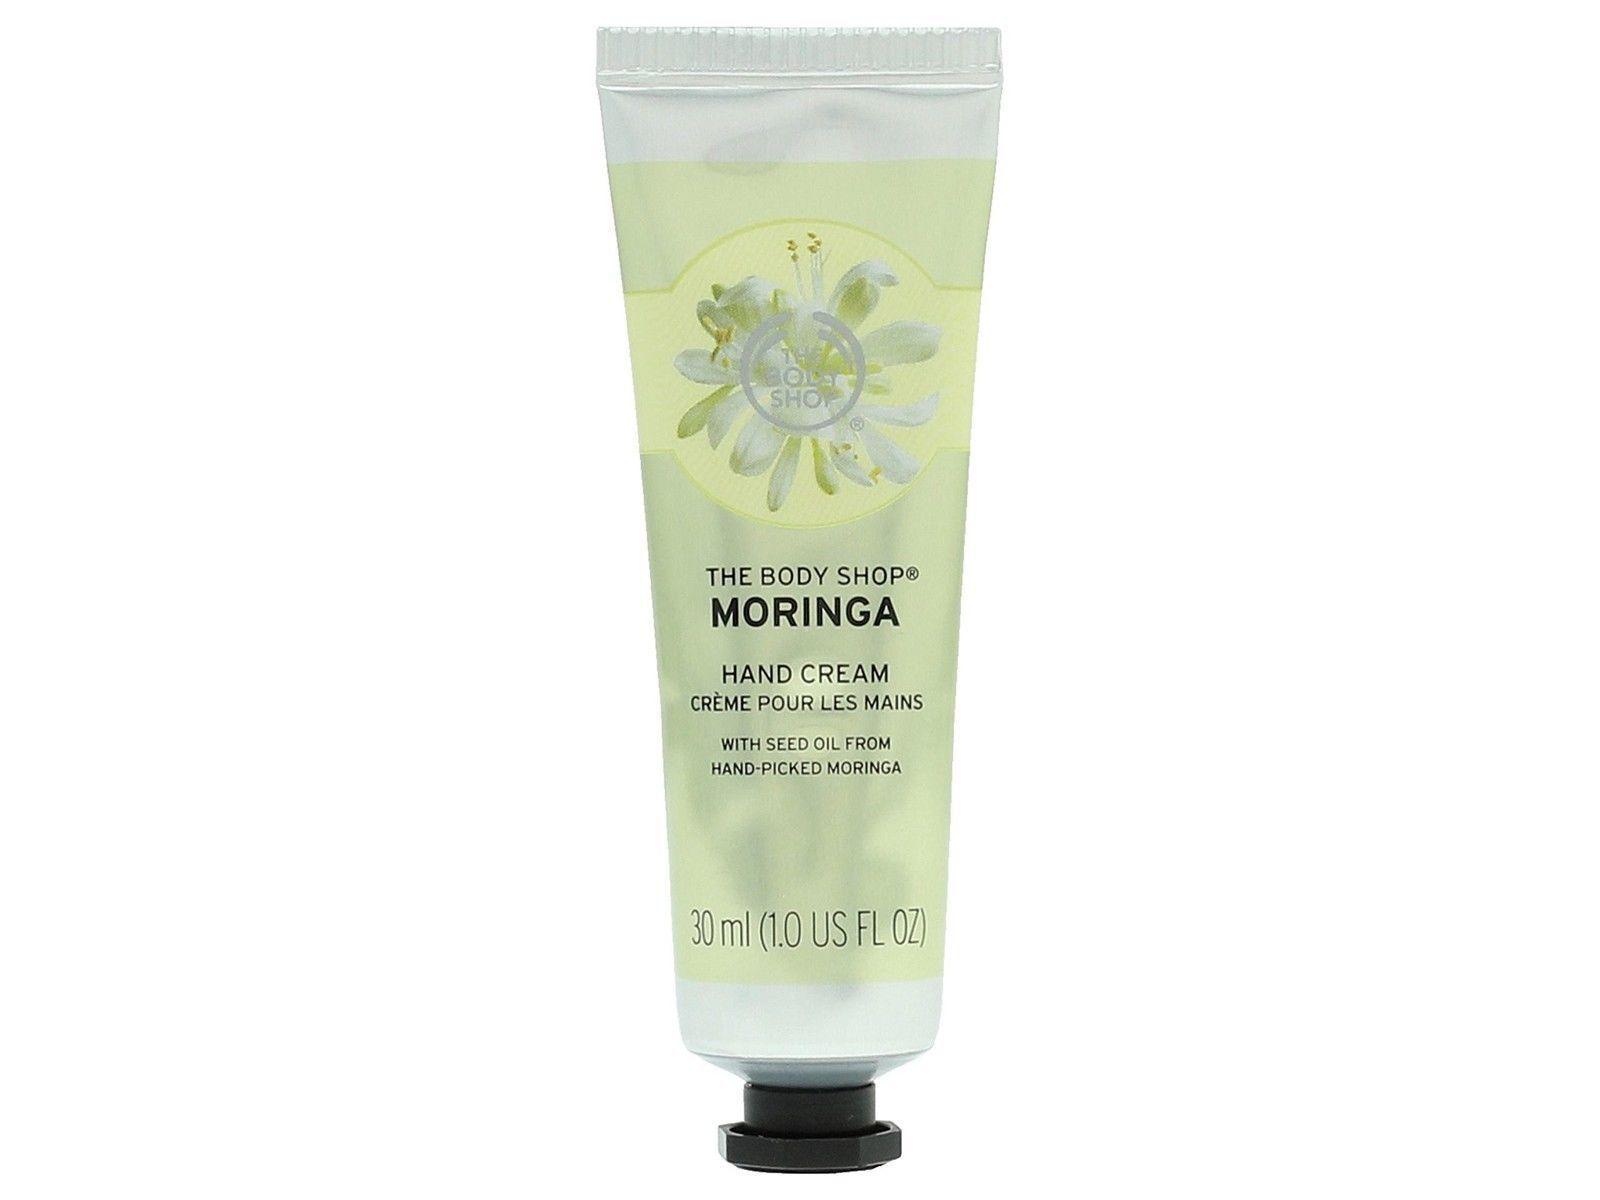 The Body Shop Moringa Hand Cream 1 oz